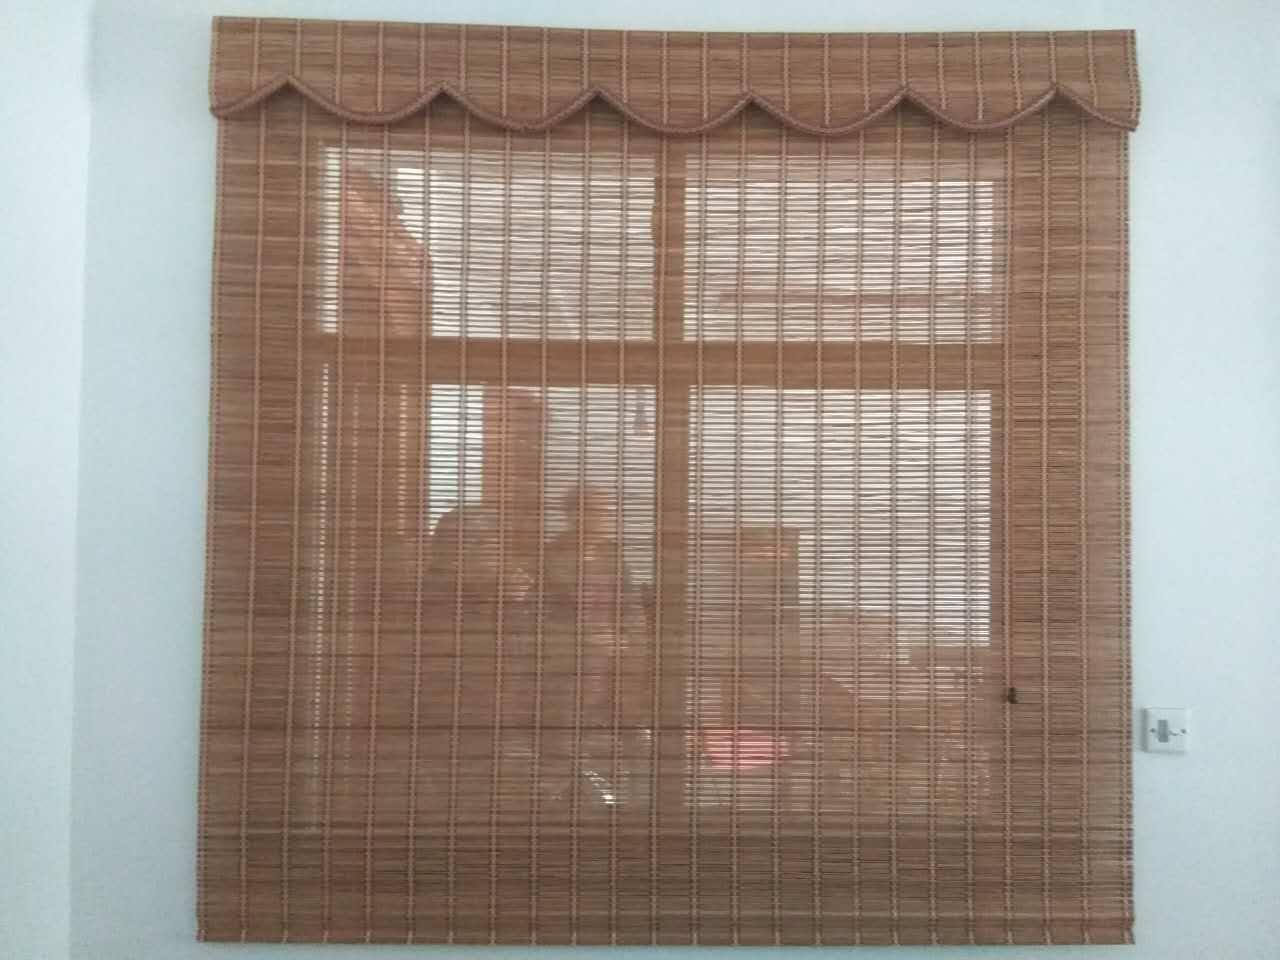 临潼印花竹窗帘哪家好-有品质的渭南竹窗帘厂家推荐